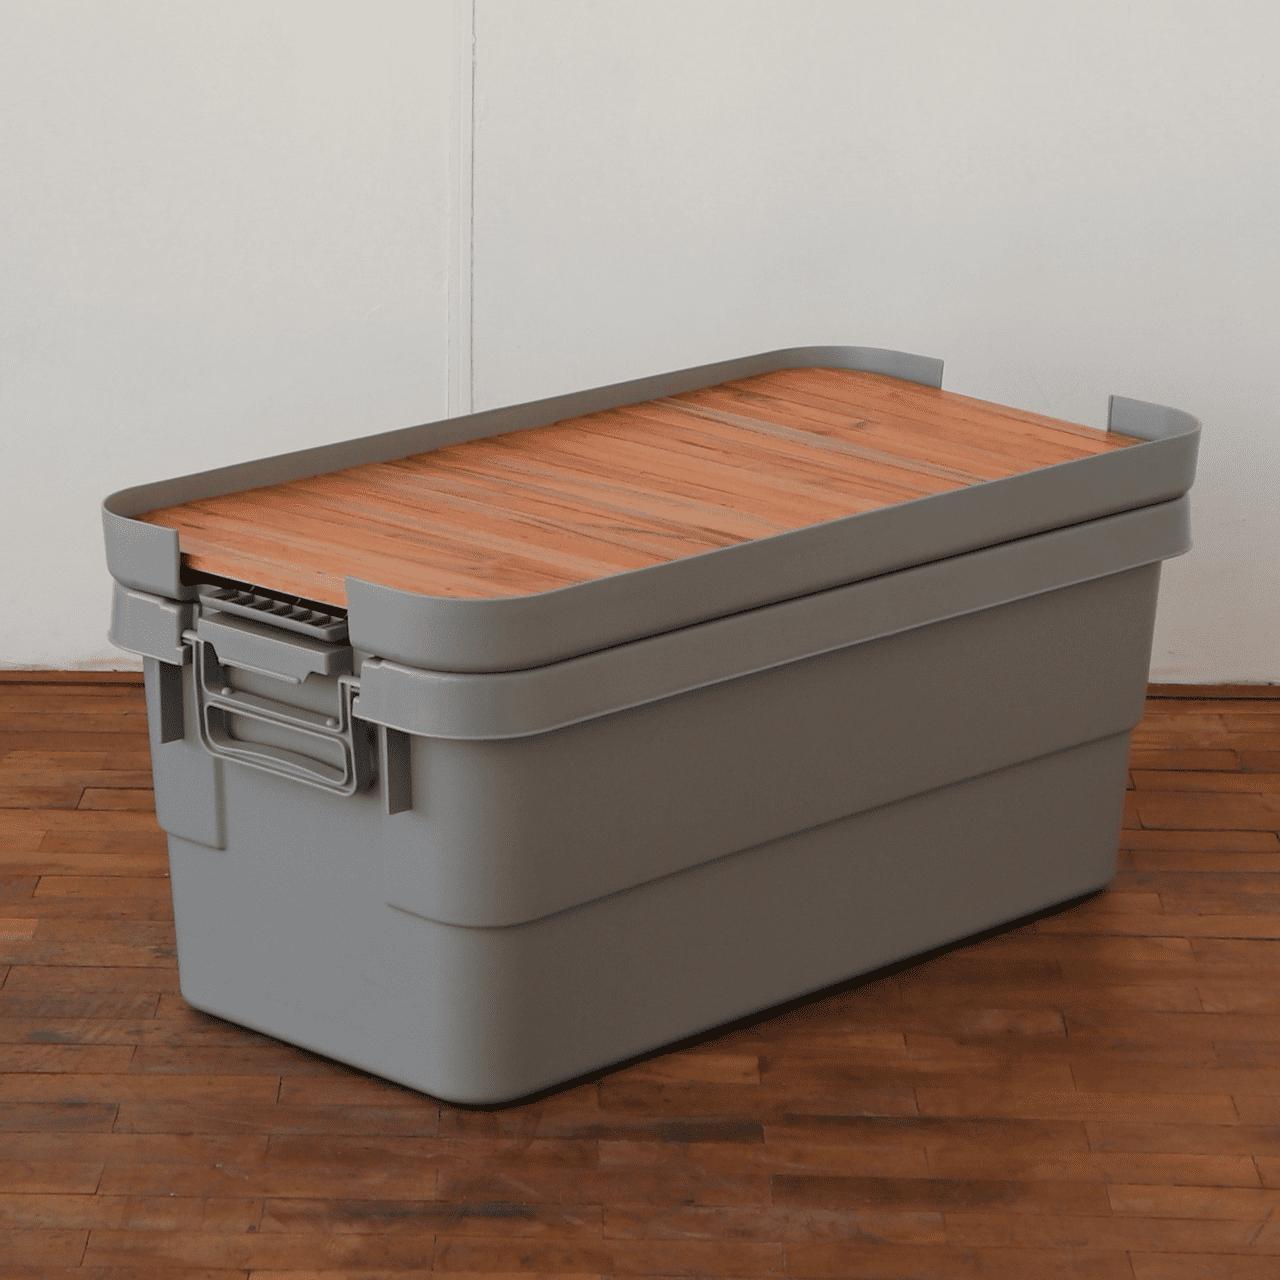 プラスチック収納BOX専用ウッドテーブル(30L)